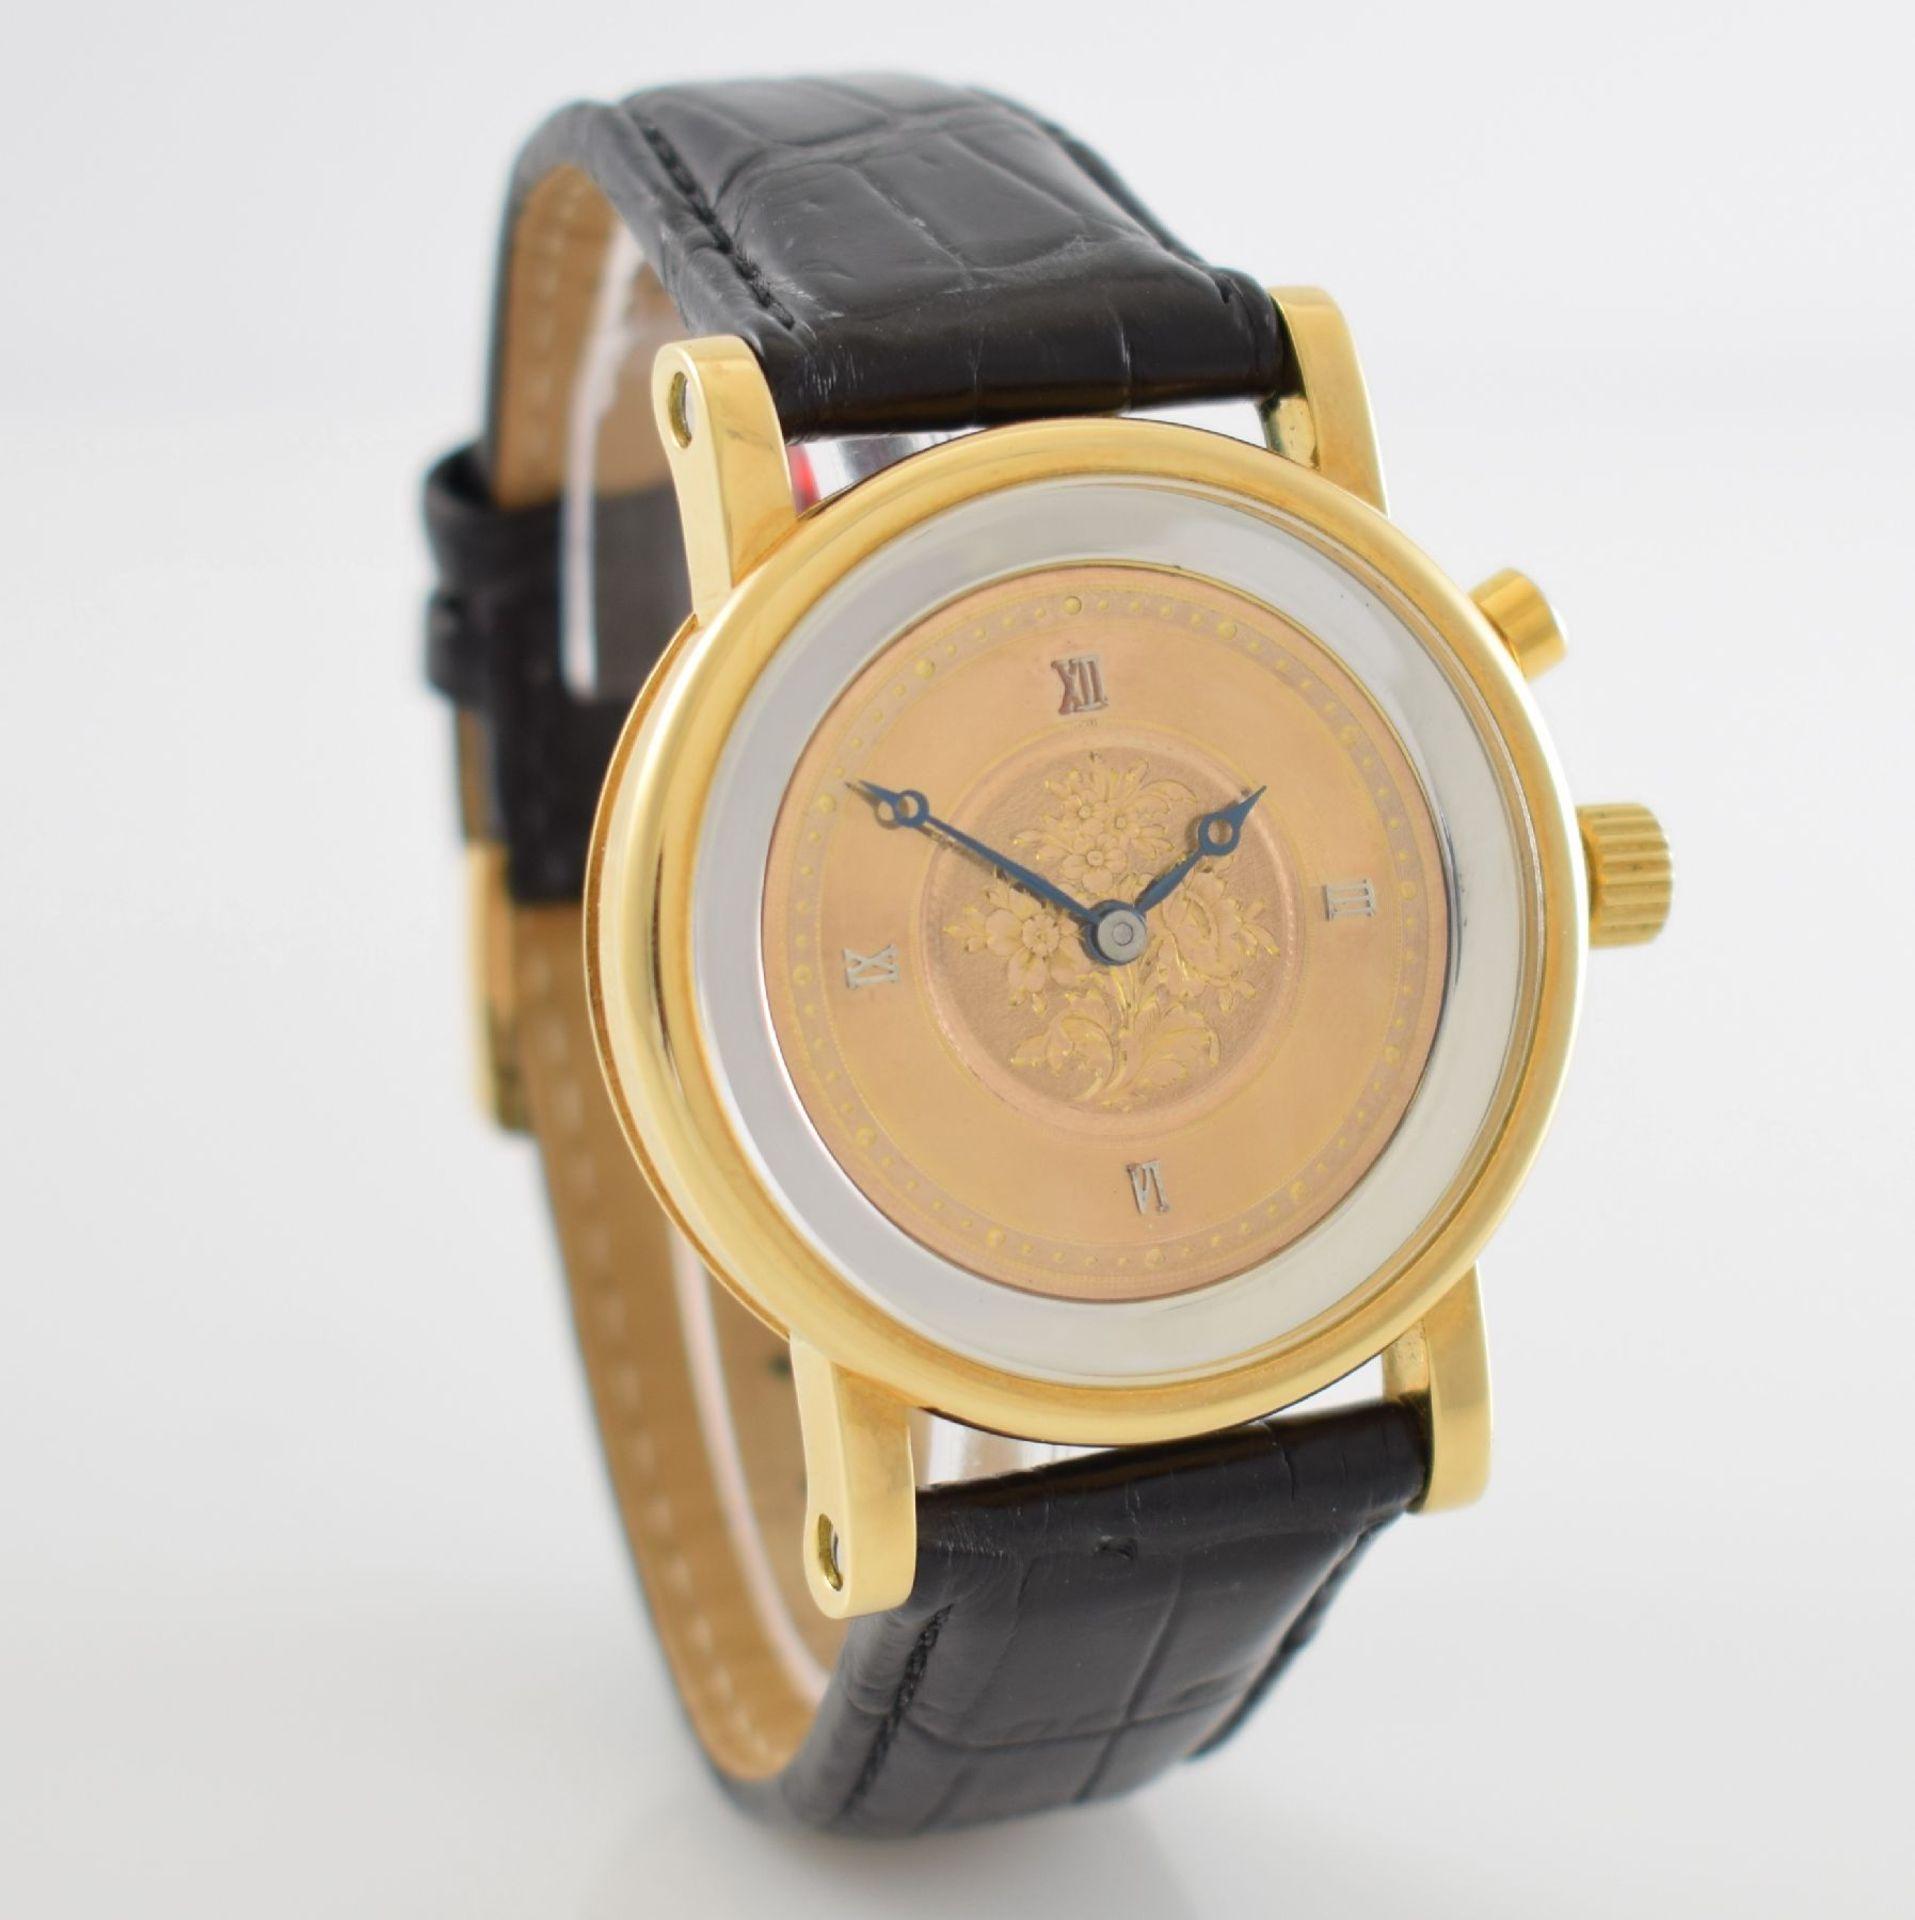 Taschenuhrwerk mit 1/4 Repetition umgebaut zur Armbanduhr in GG 750/000 Gehäuse, Handaufzug, - Bild 5 aus 9